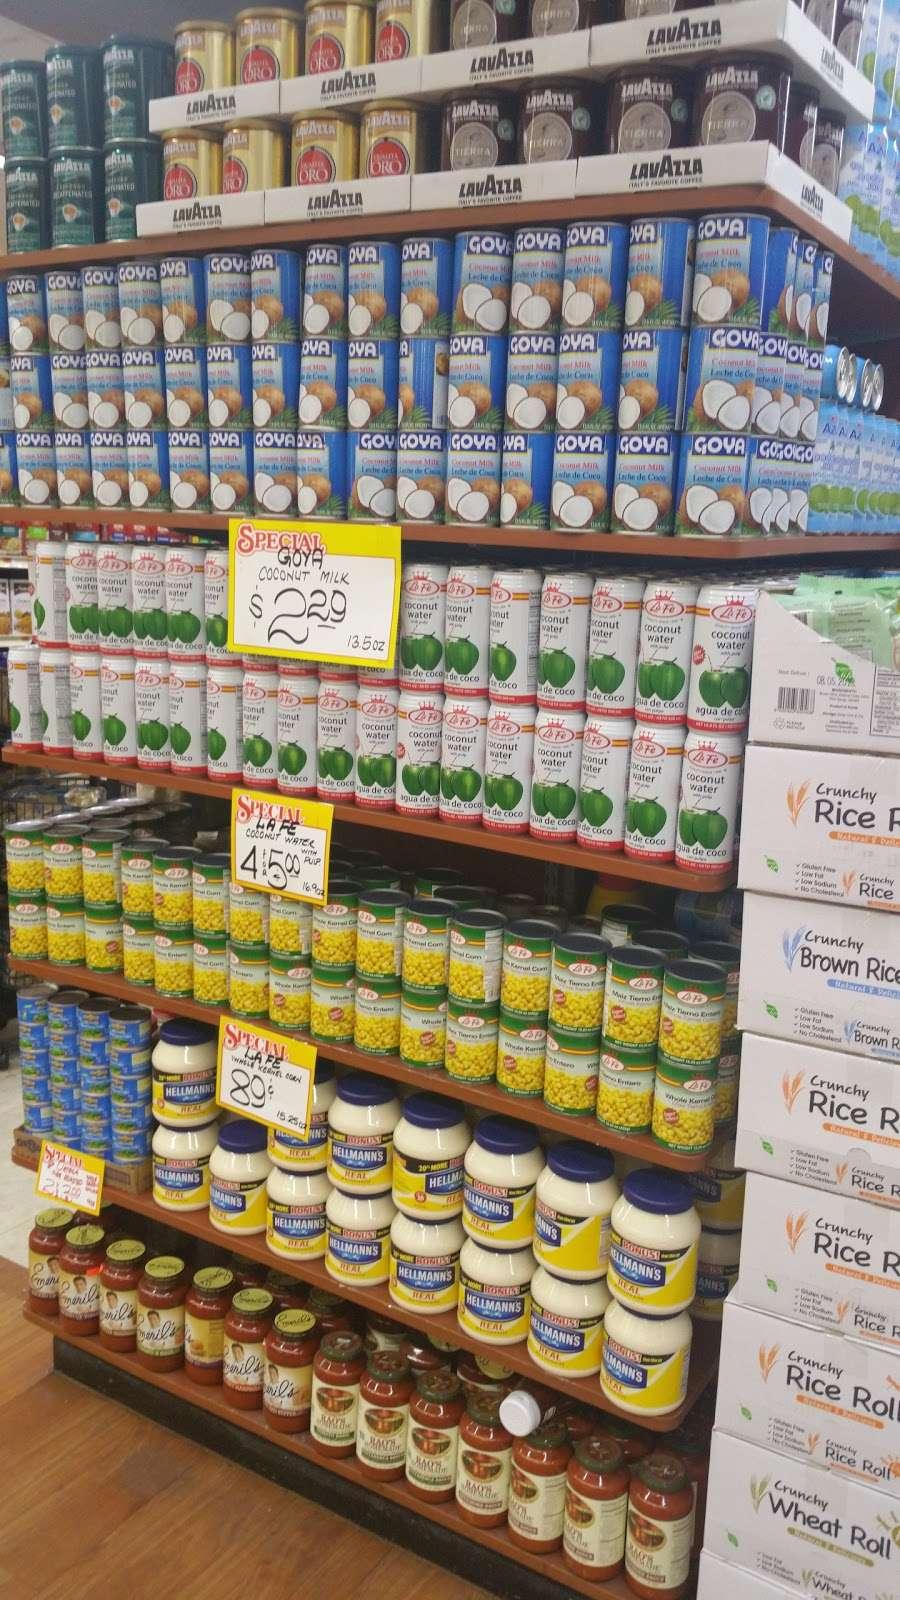 Key Food Supermarkets - supermarket    Photo 2 of 8   Address: 92-02 63rd Dr, Flushing, NY 11374, USA   Phone: (718) 275-6913